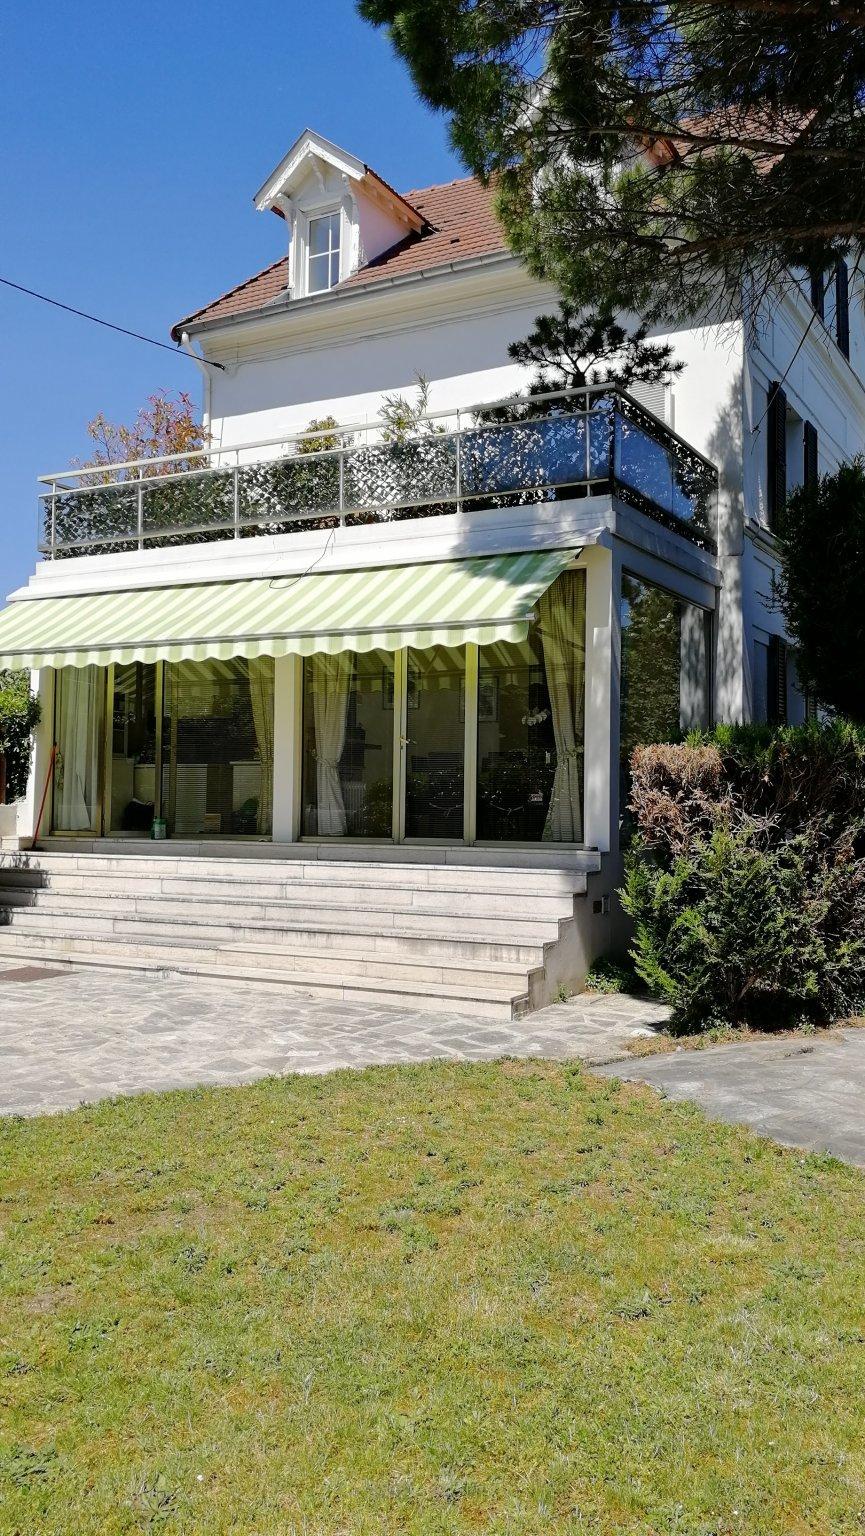 Maison a vendre nanterre - 8 pièce(s) - 300 m2 - Surfyn